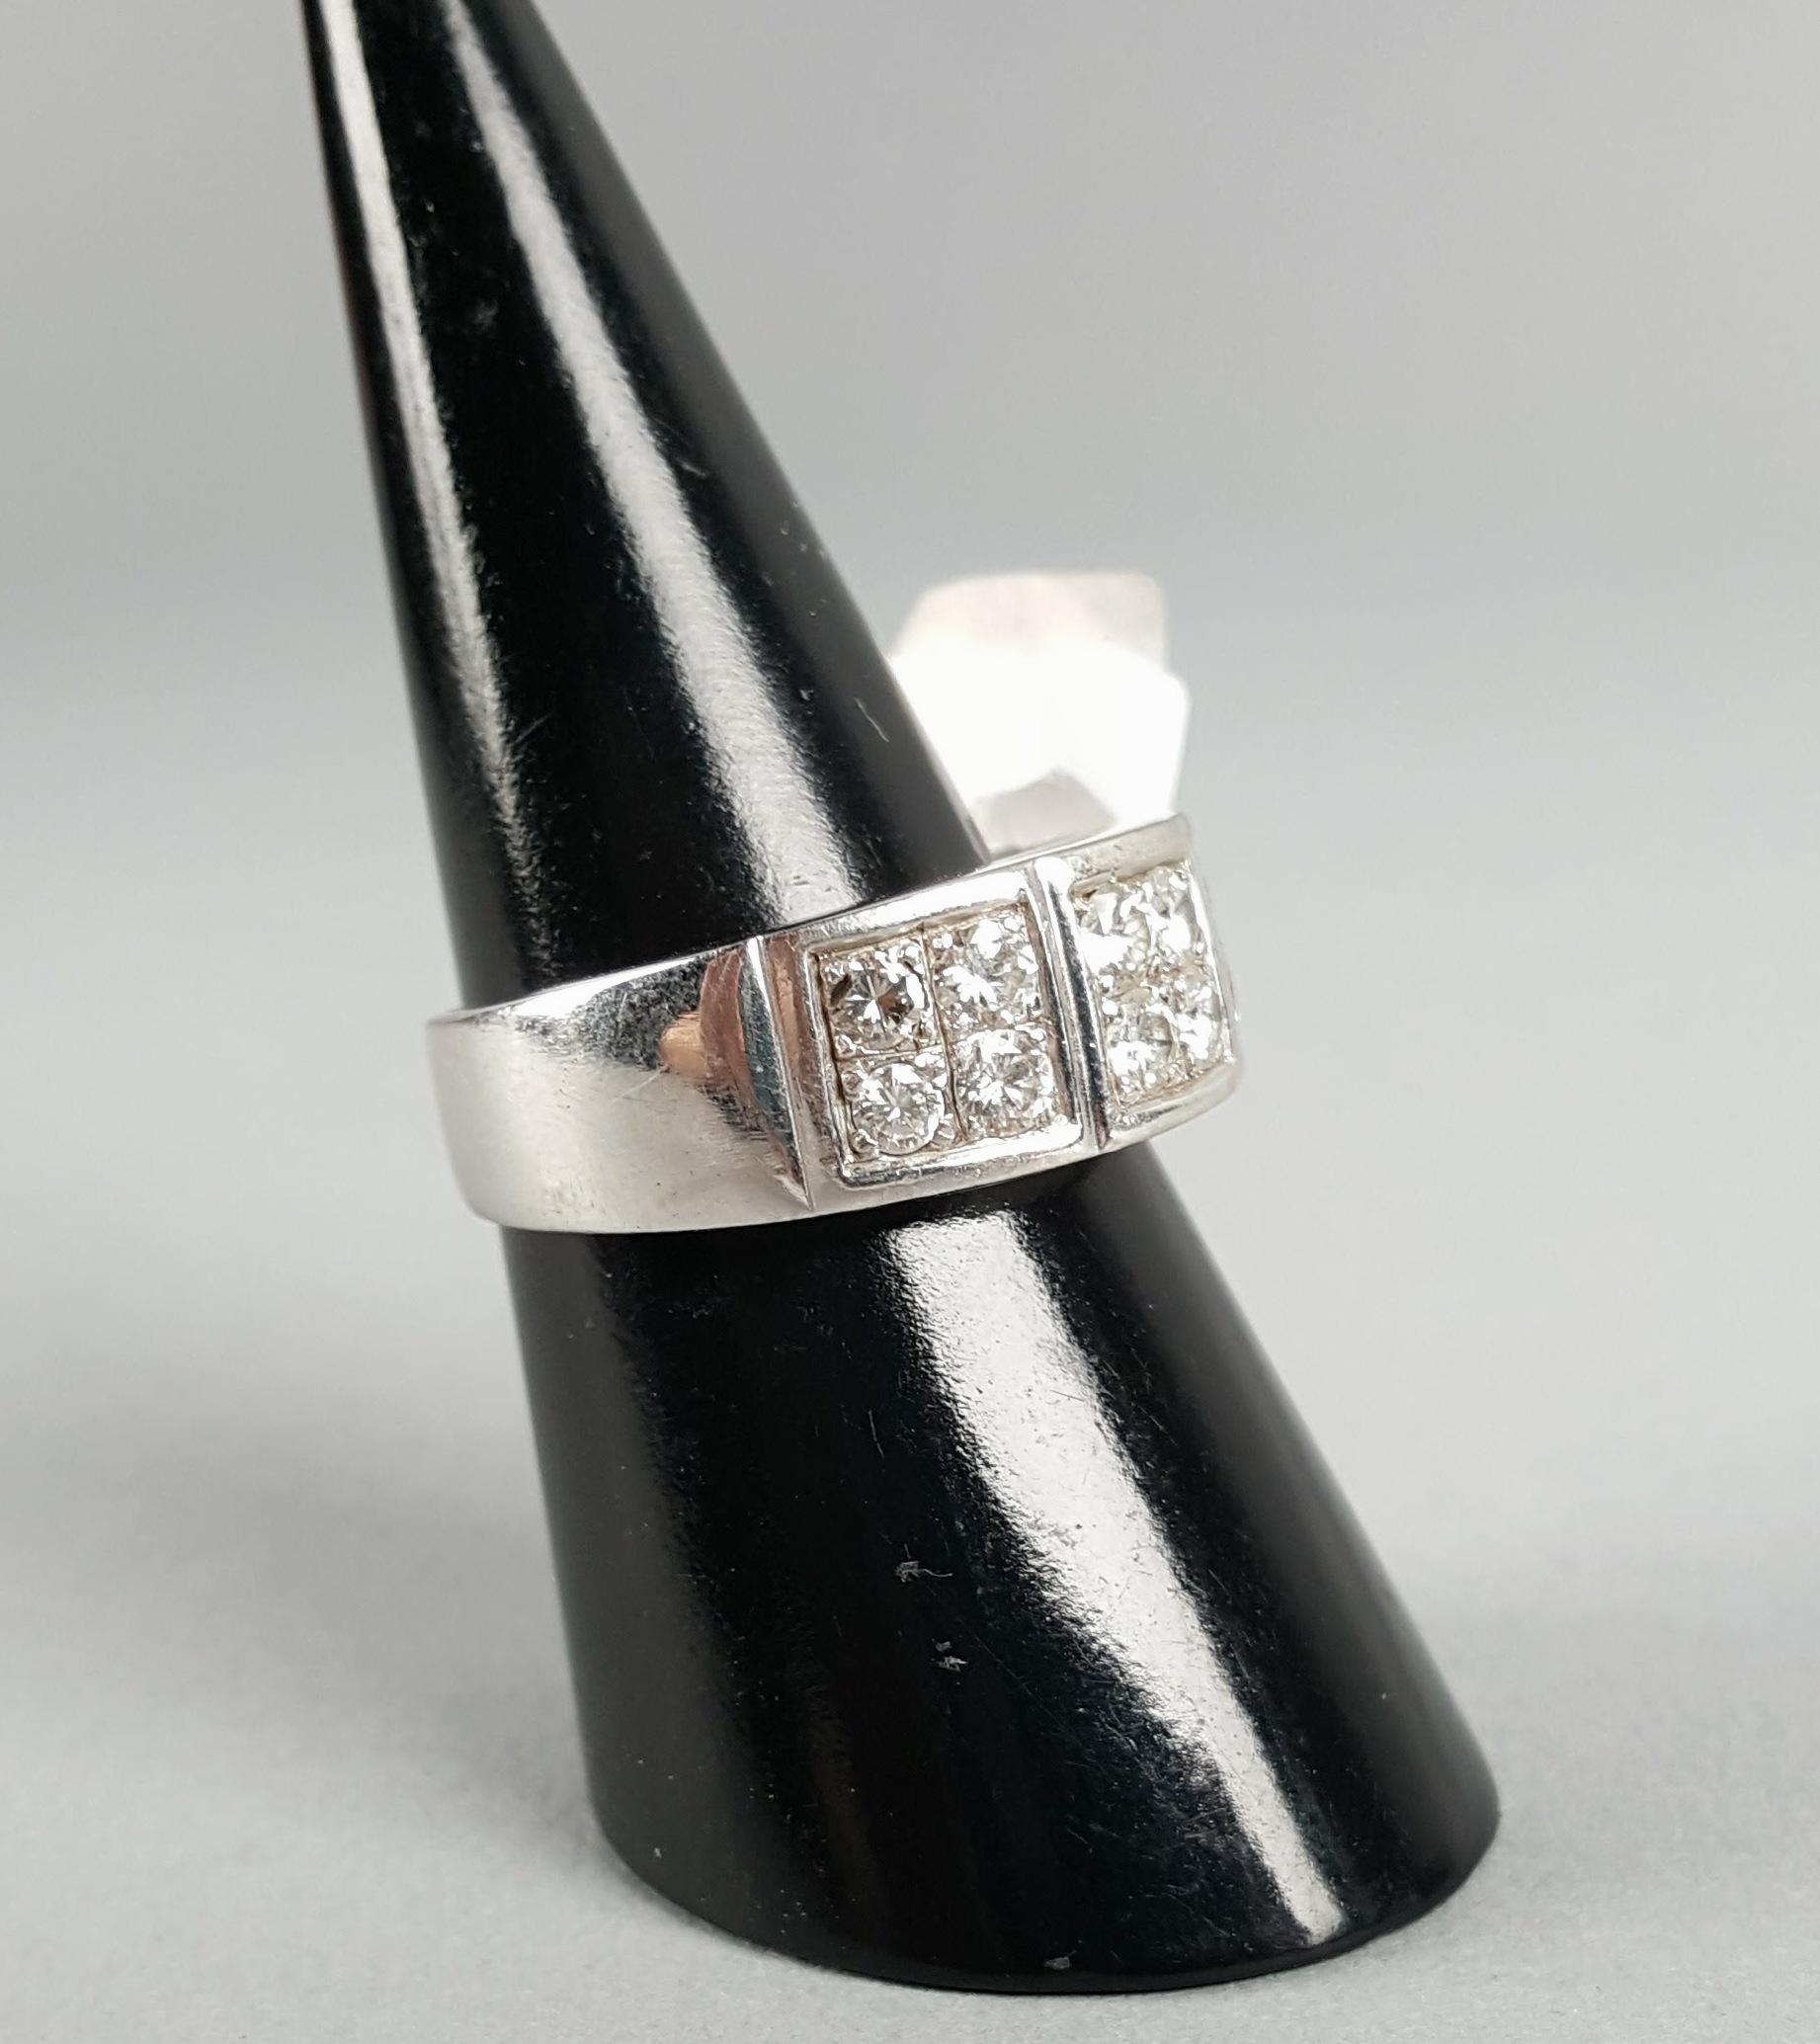 Lot 6 - Anello a fascia in oro bianco 18 kt. con pavè di dodici diamanti, gr. 11 ca. complessivi. Dettagli